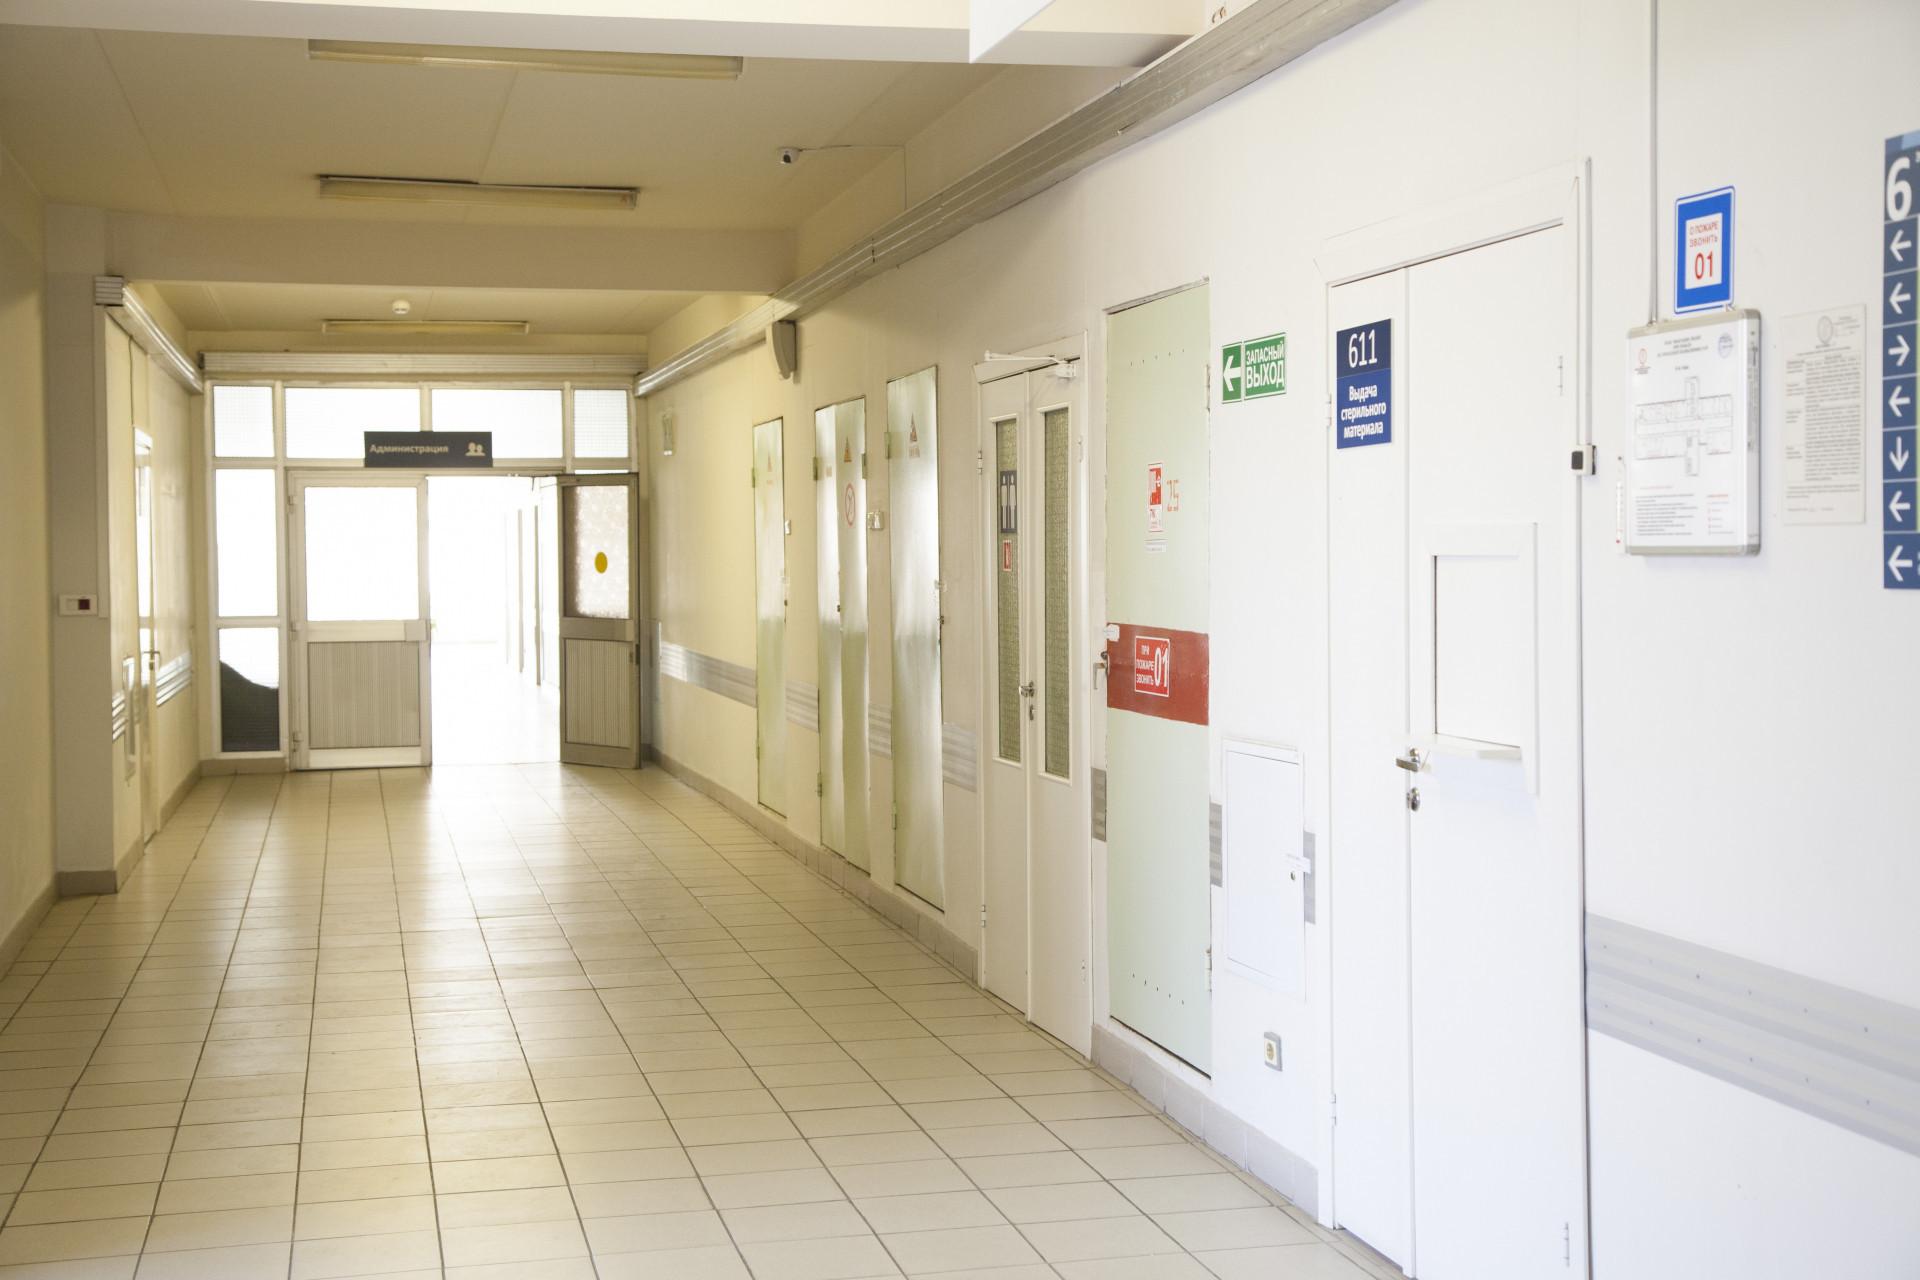 Двоих госпитализированных казахстанцев уже выписали – Бекшин